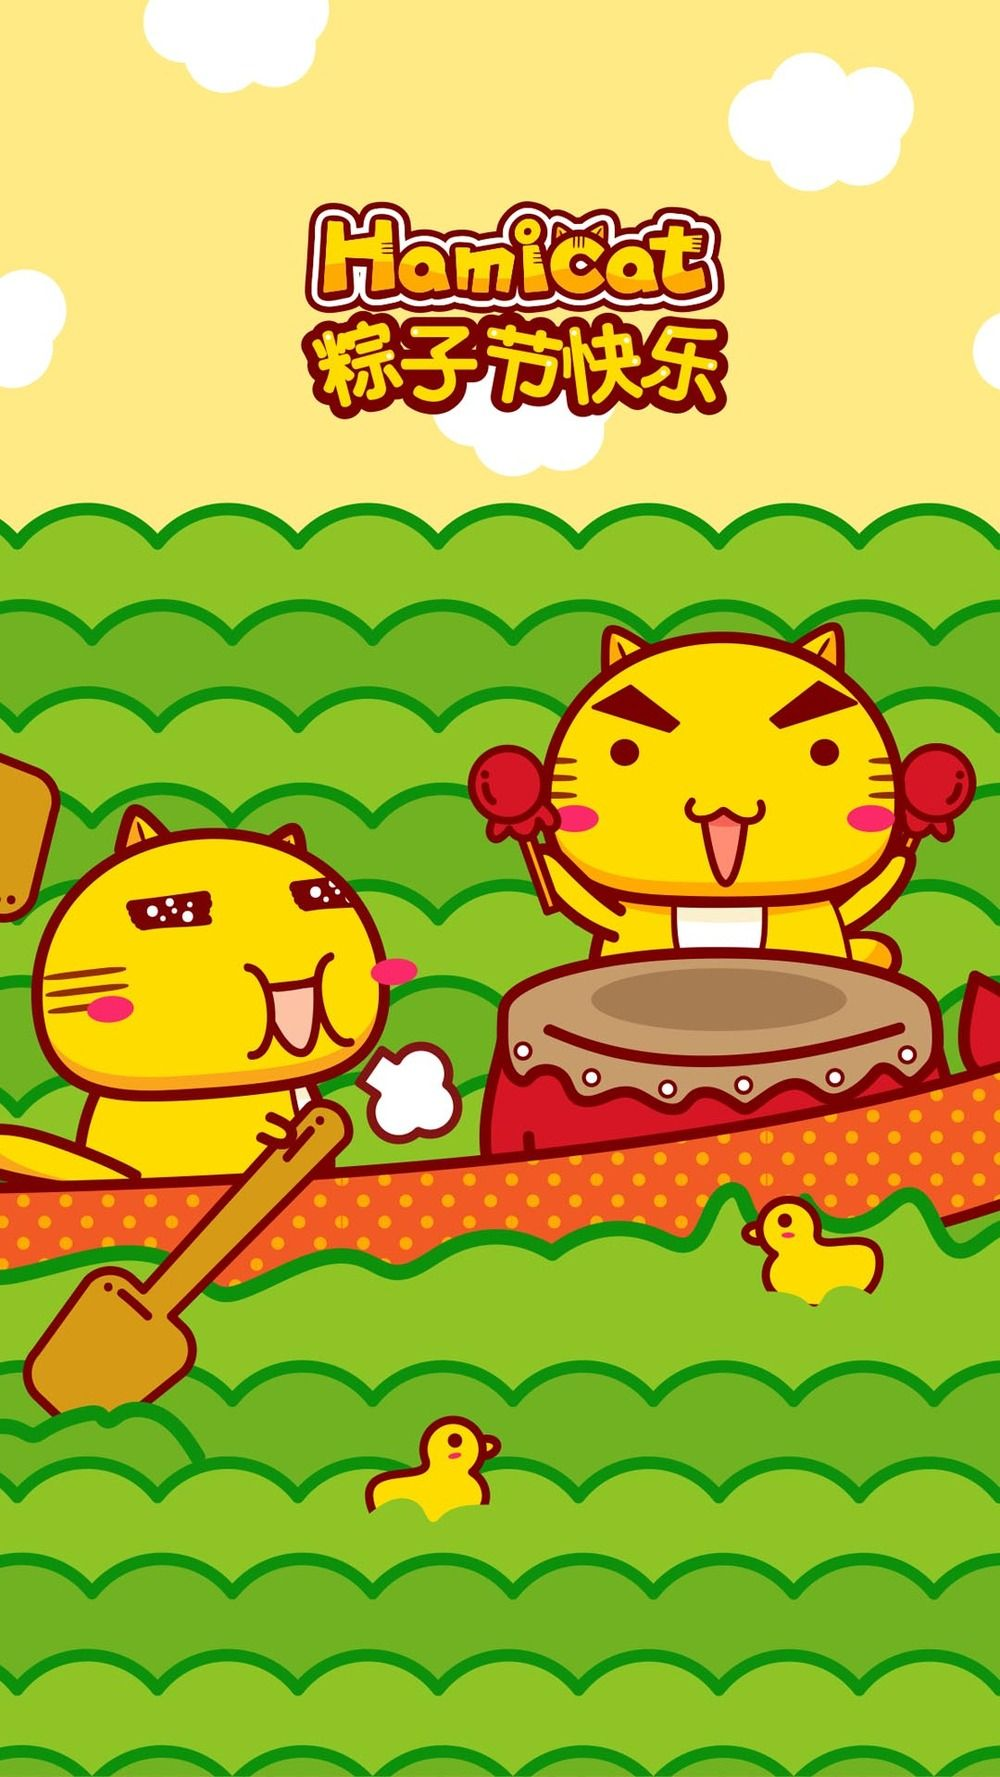 哈咪猫端午节.jpg